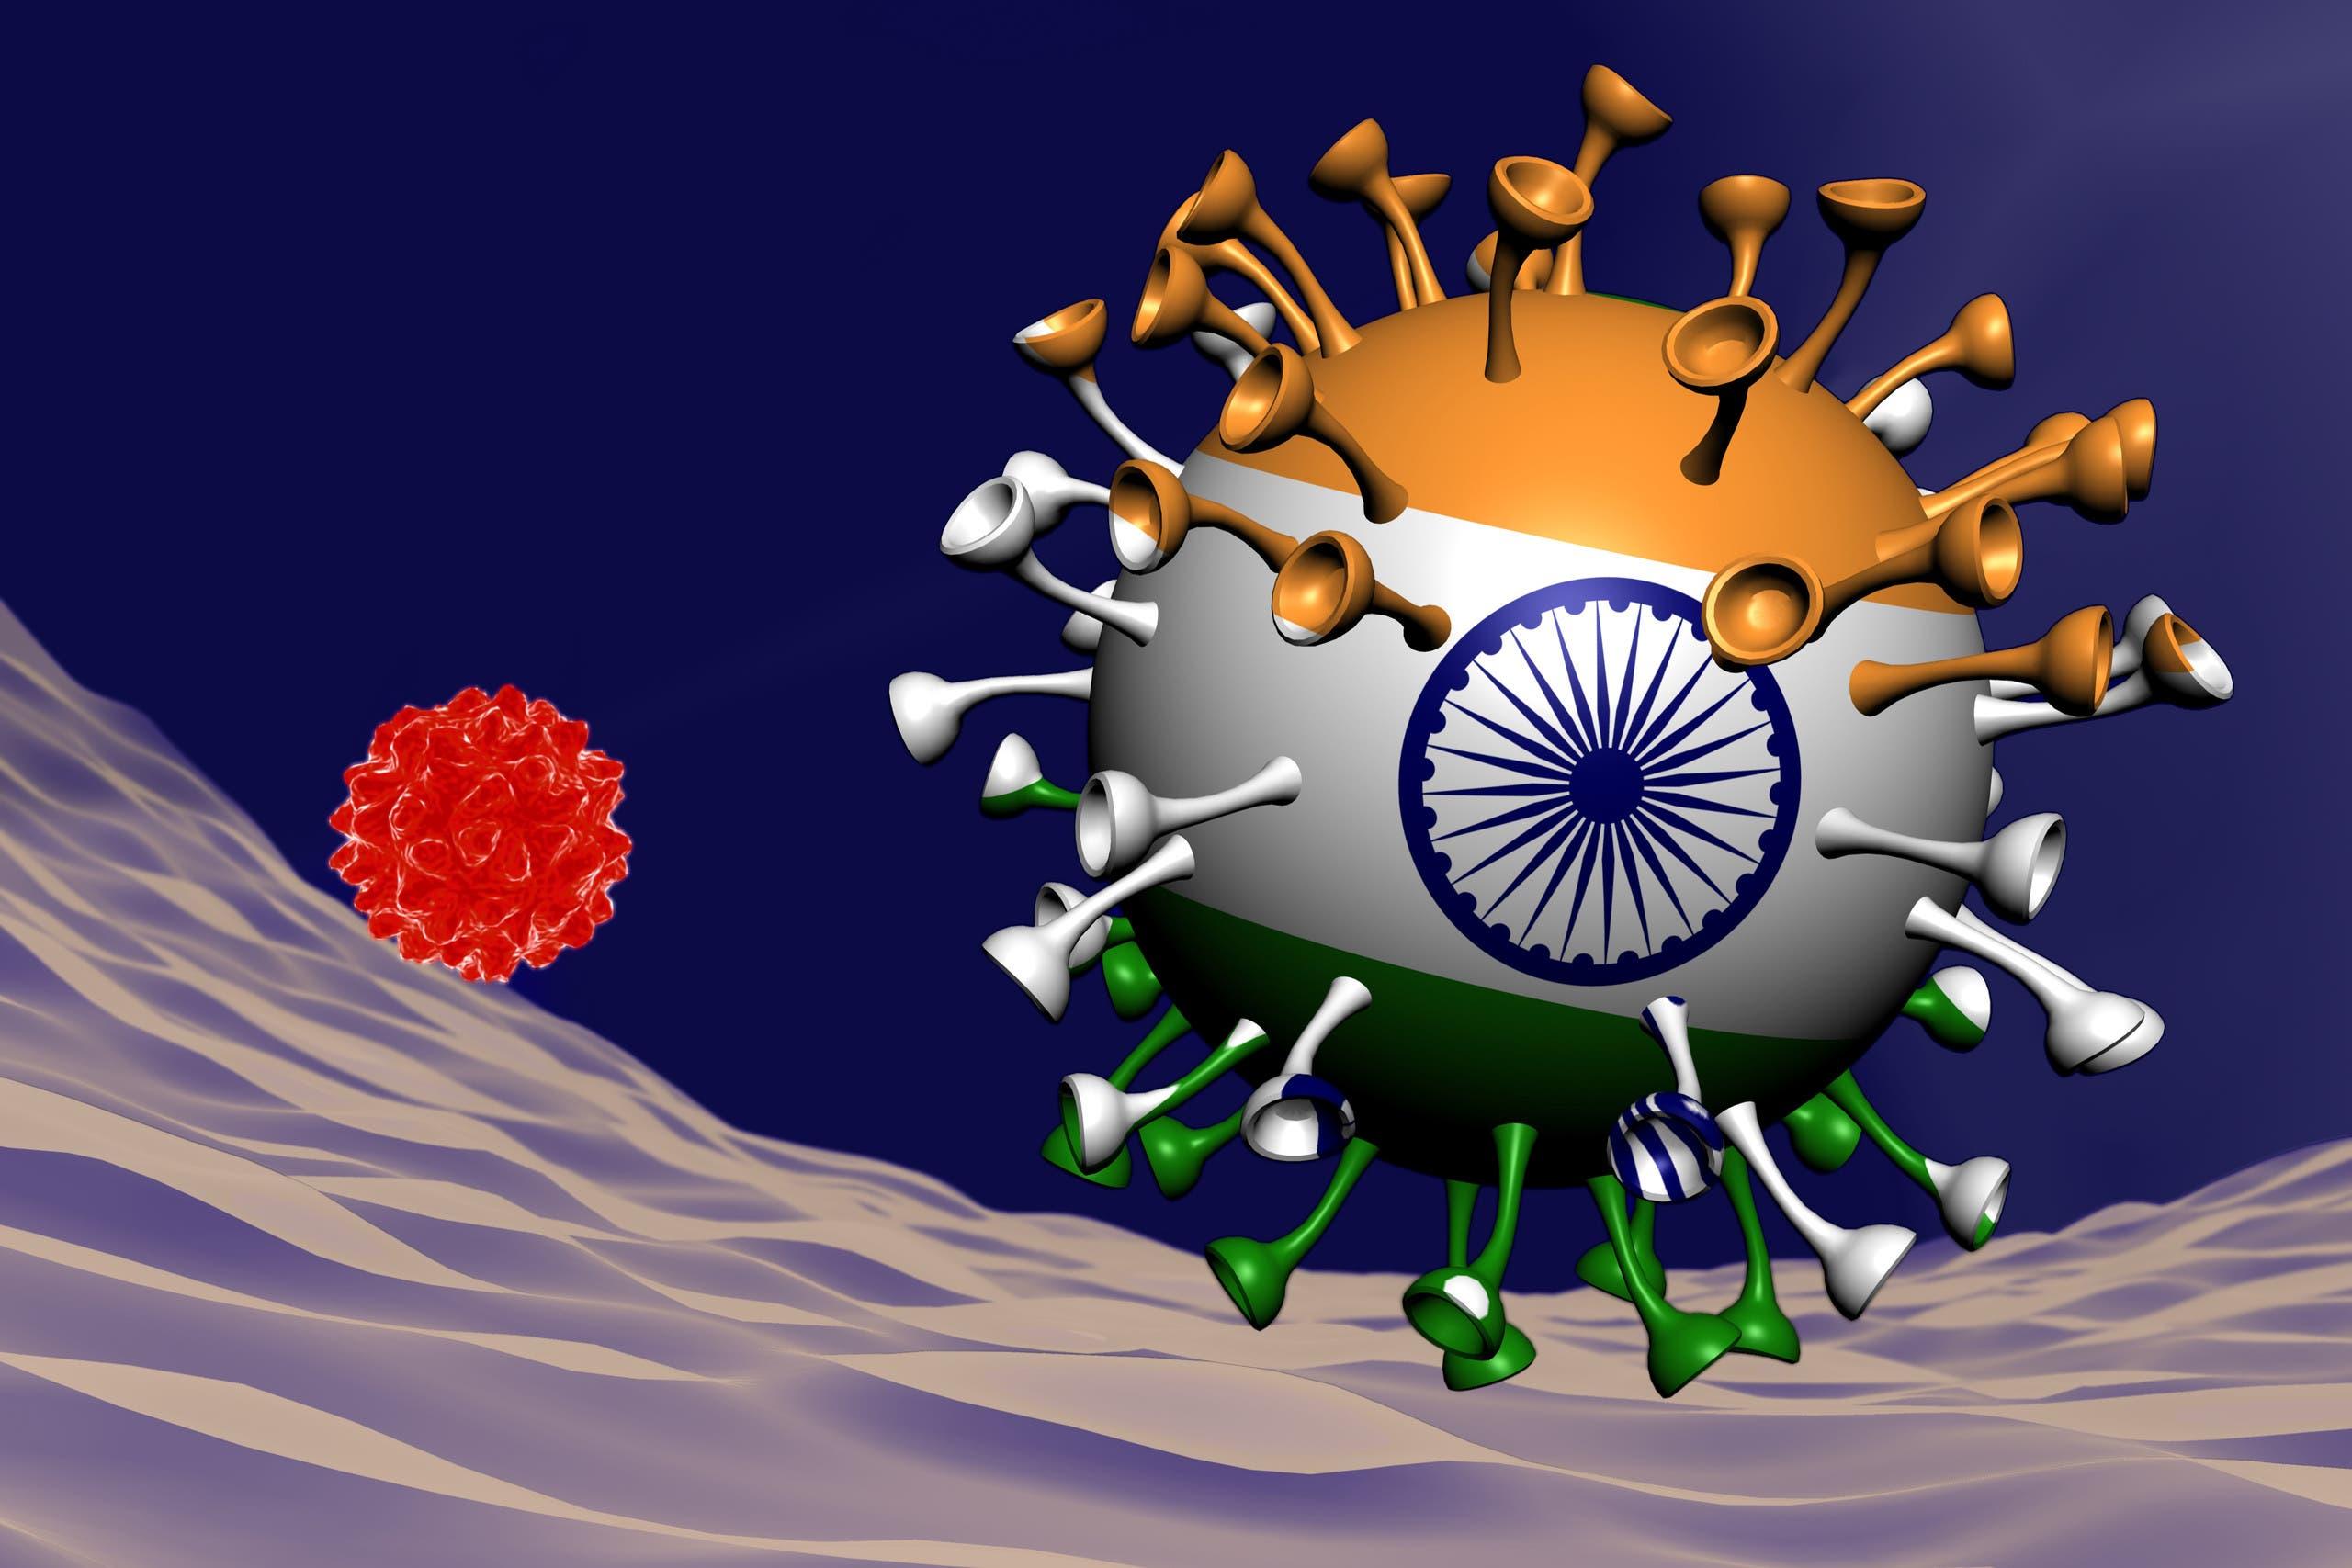 المتحور الهندي موجود في 44 بلدا